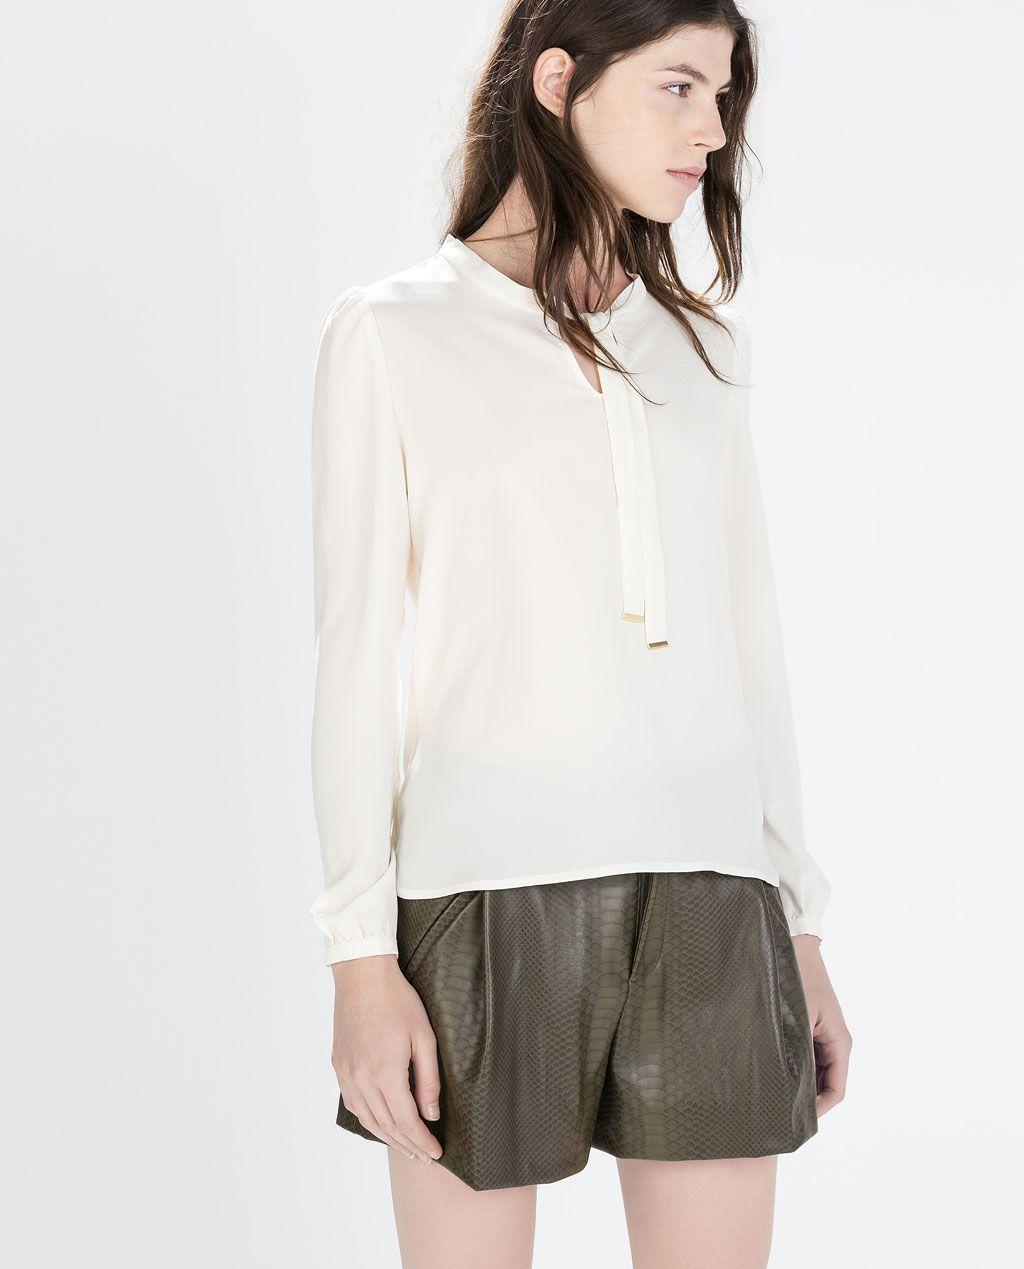 409d2056e ZARA - MUJER - BLUSA LAZO CUELLO | Vestimenta femenina | Blusas con ...